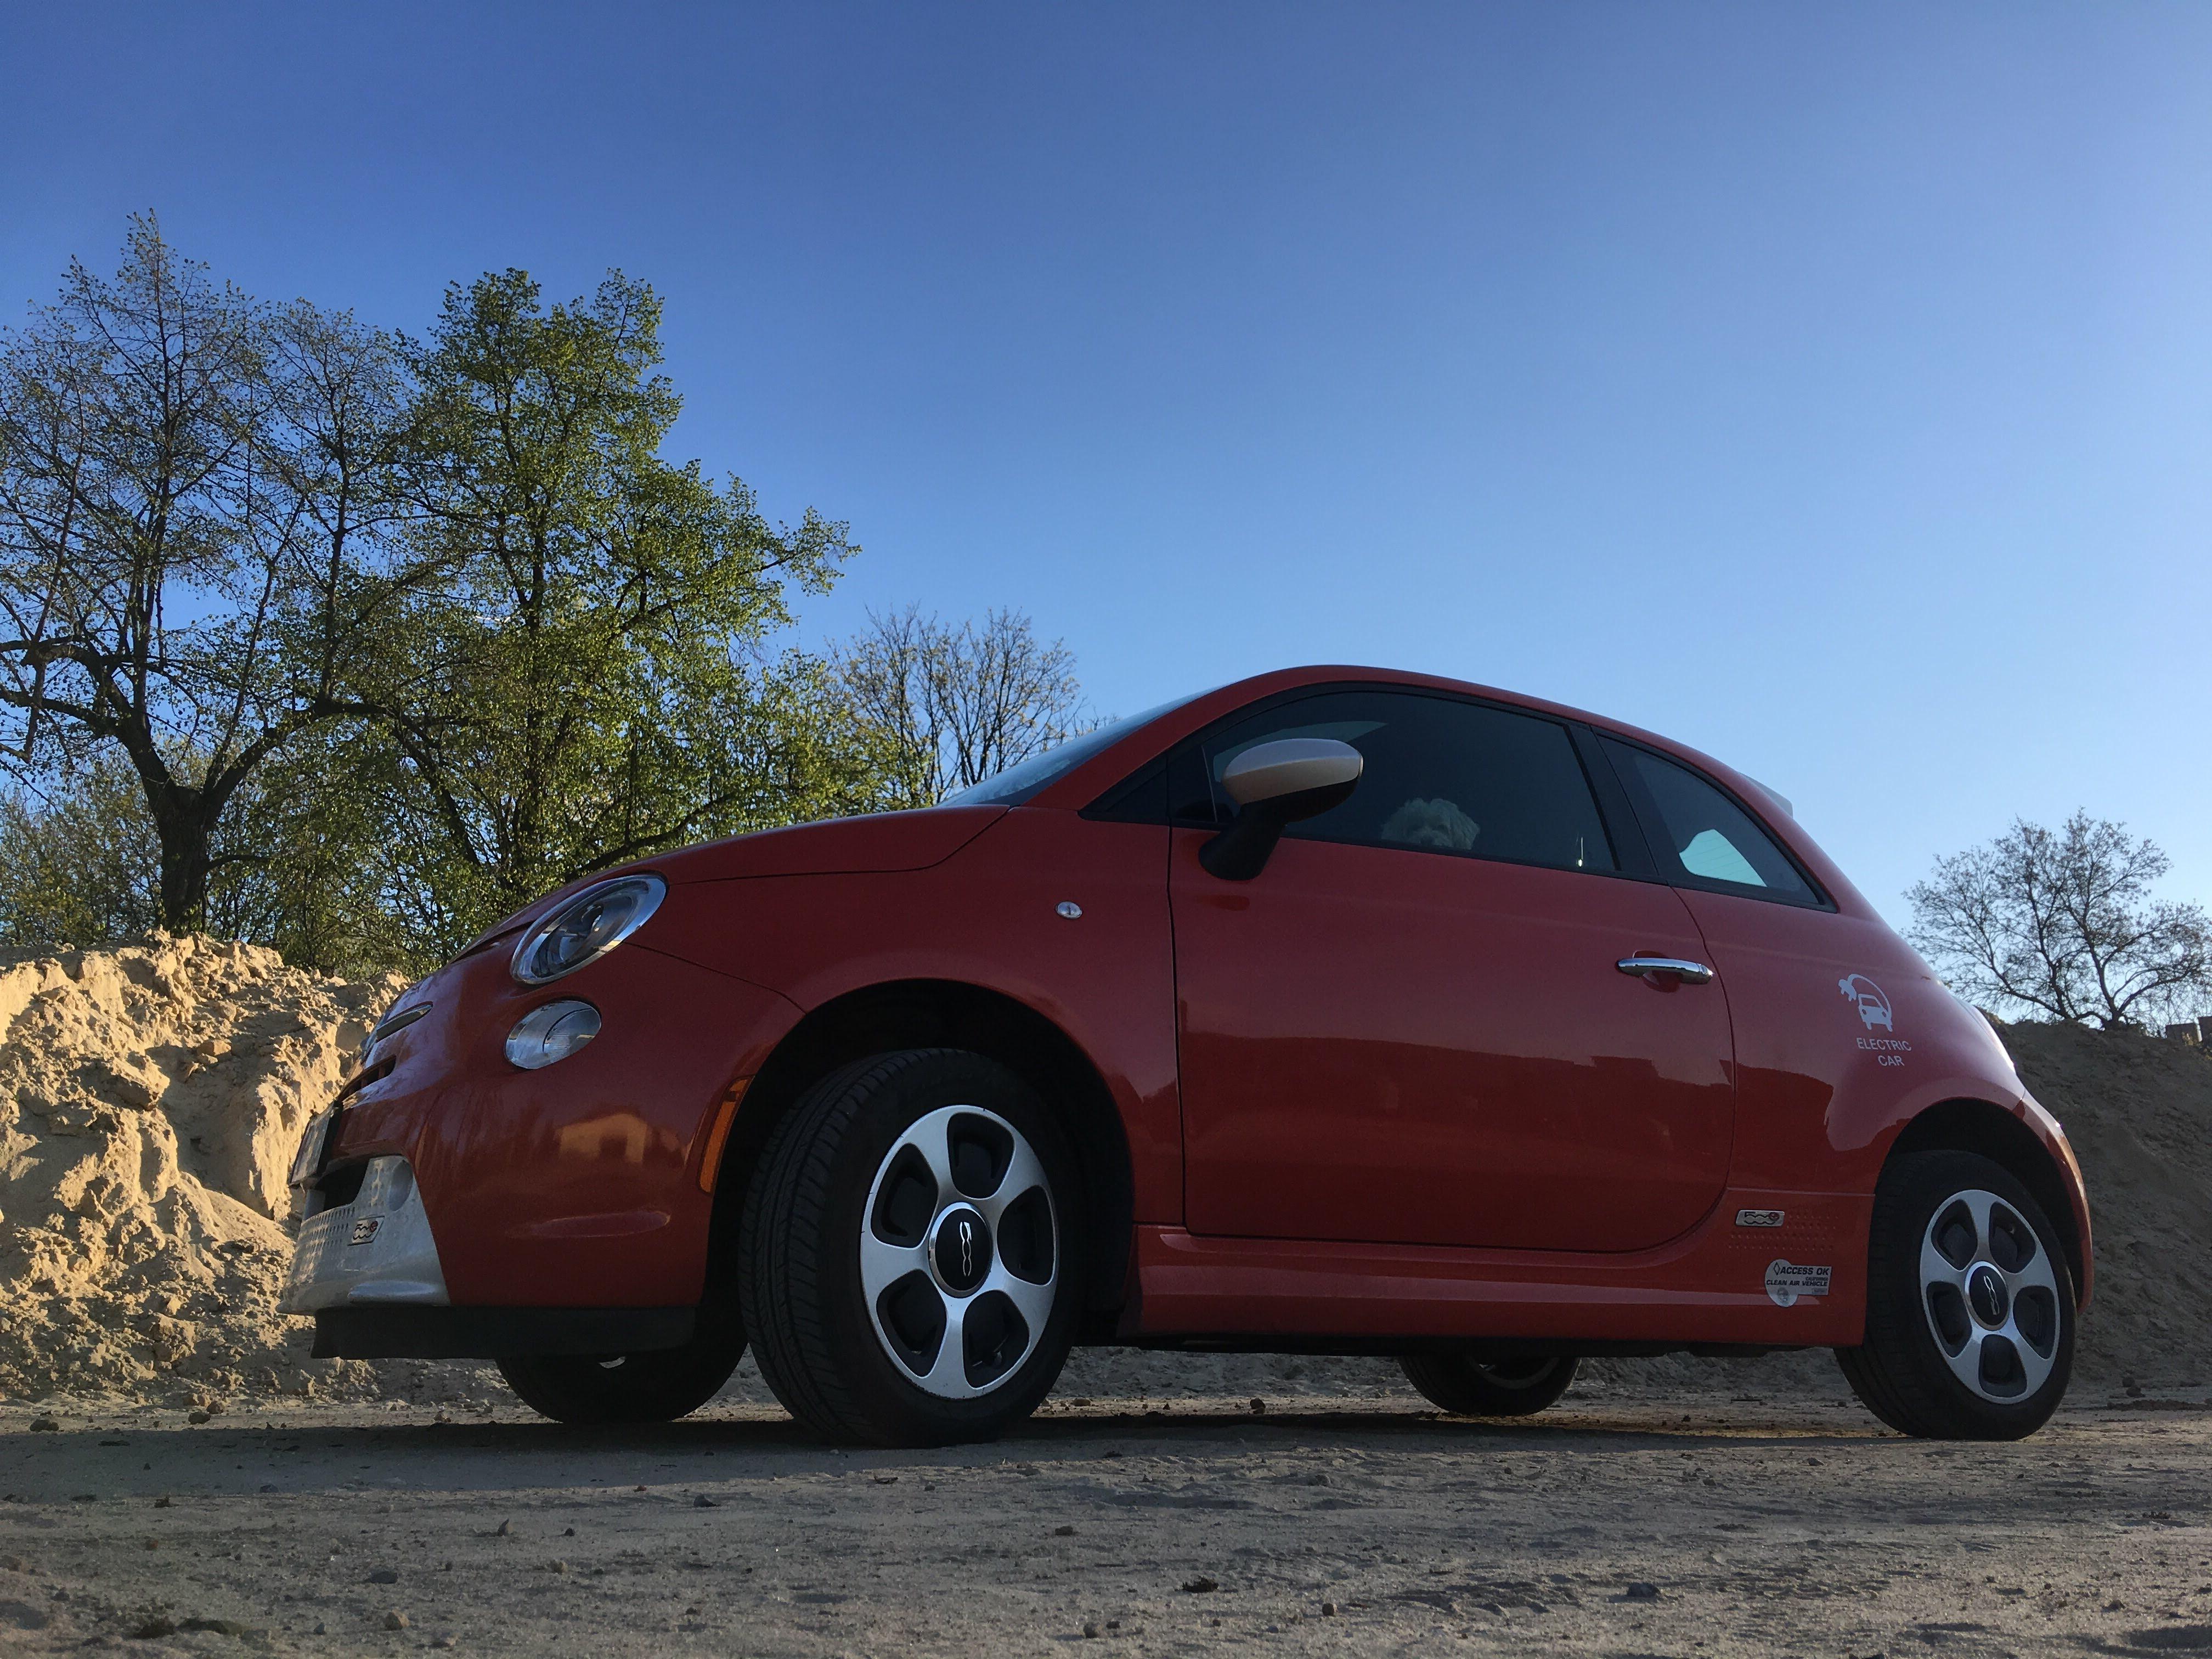 Fiat 500e Inspektion vor oder nach dem Kauf